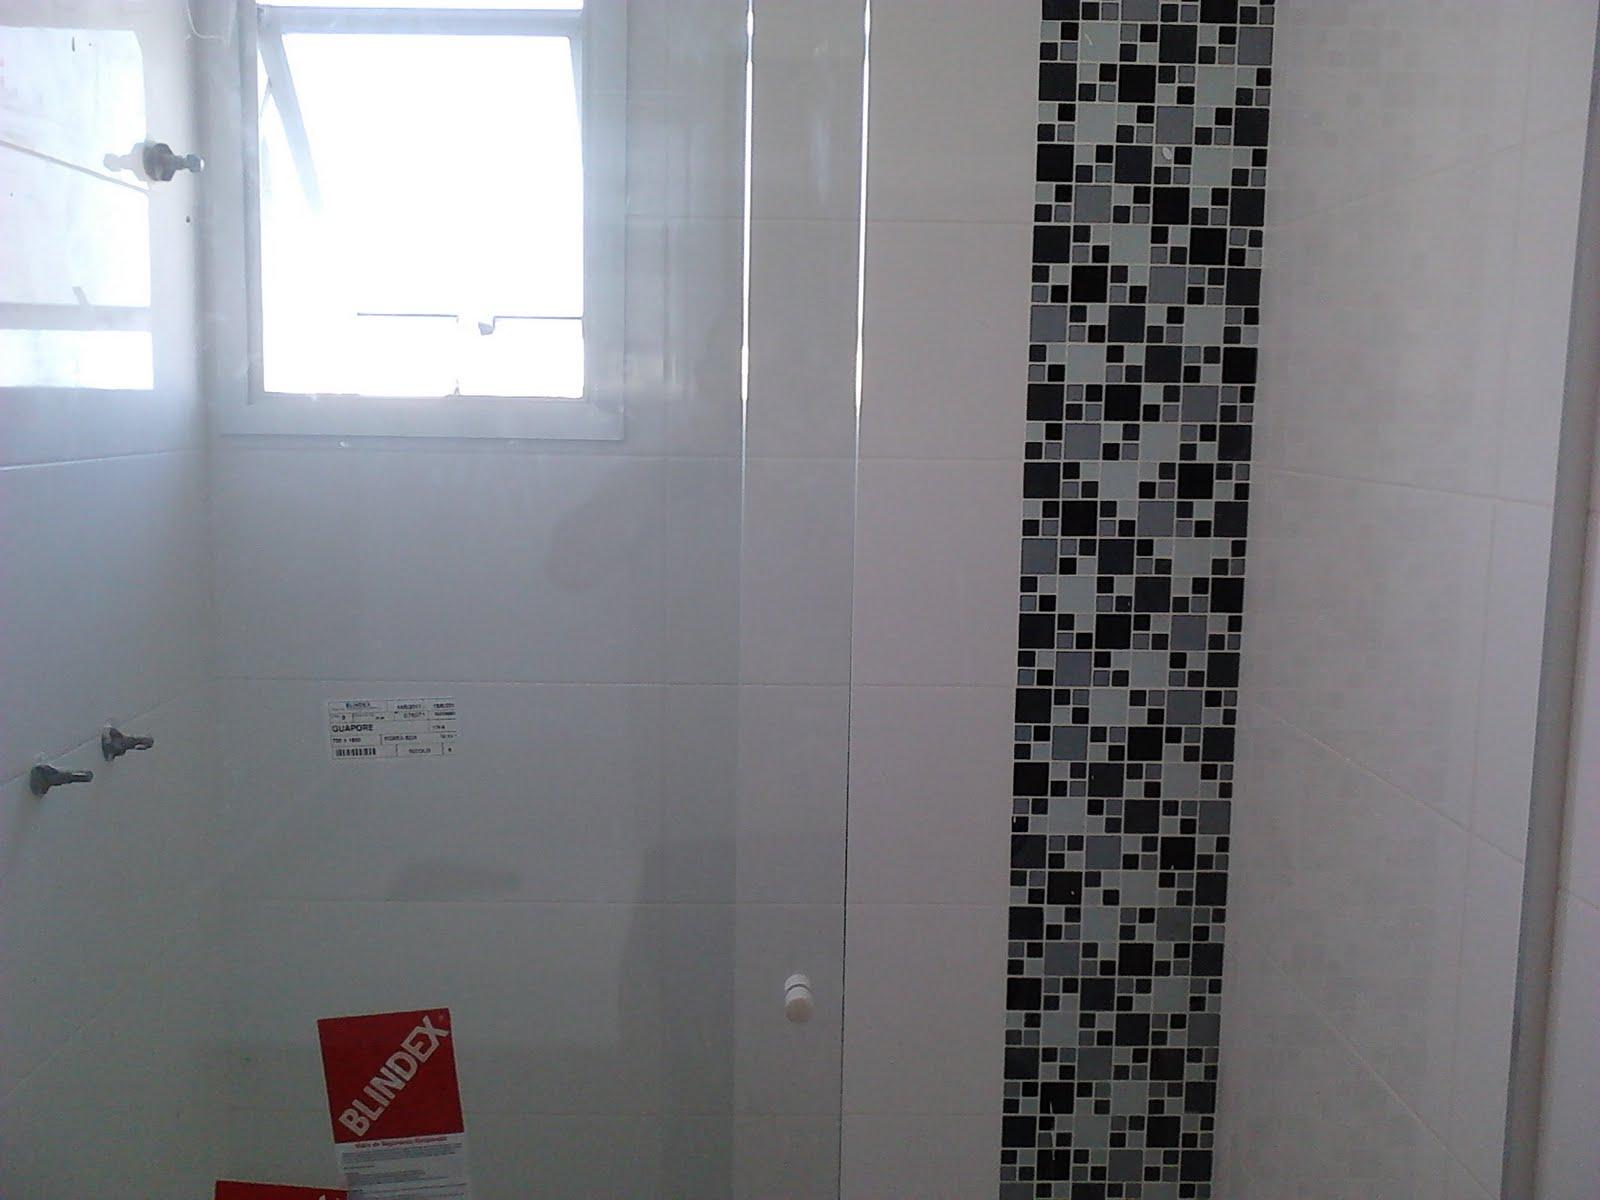 Banheiro Com Azulejos Imitando Pastilhas  rinkratmagcom banheiros decorad -> Banheiro Com Azulejo Pastilha